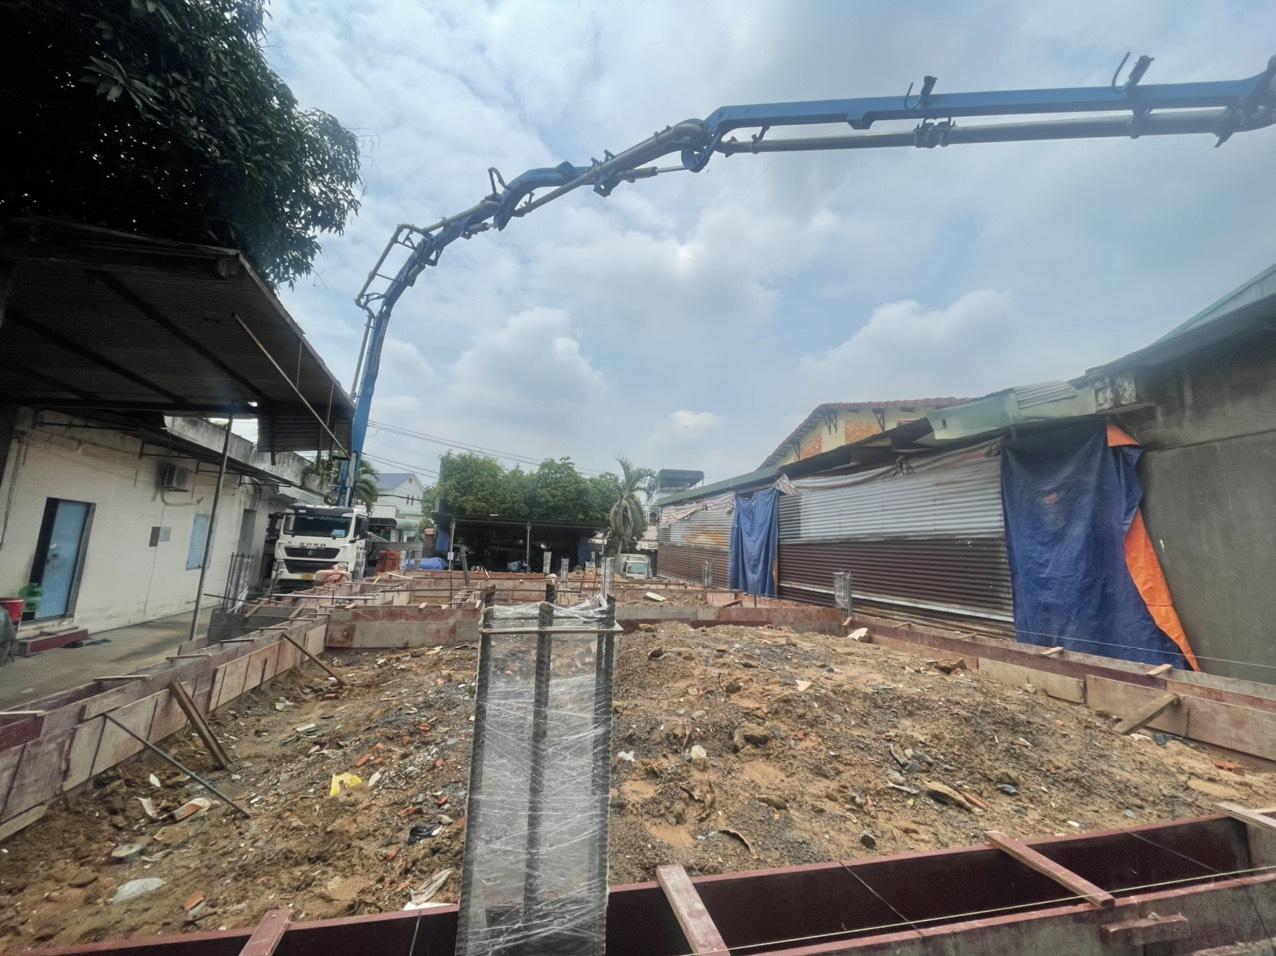 Hình ảnh thi công xây dựng công trình Biên Hòa Đồng Nai 28